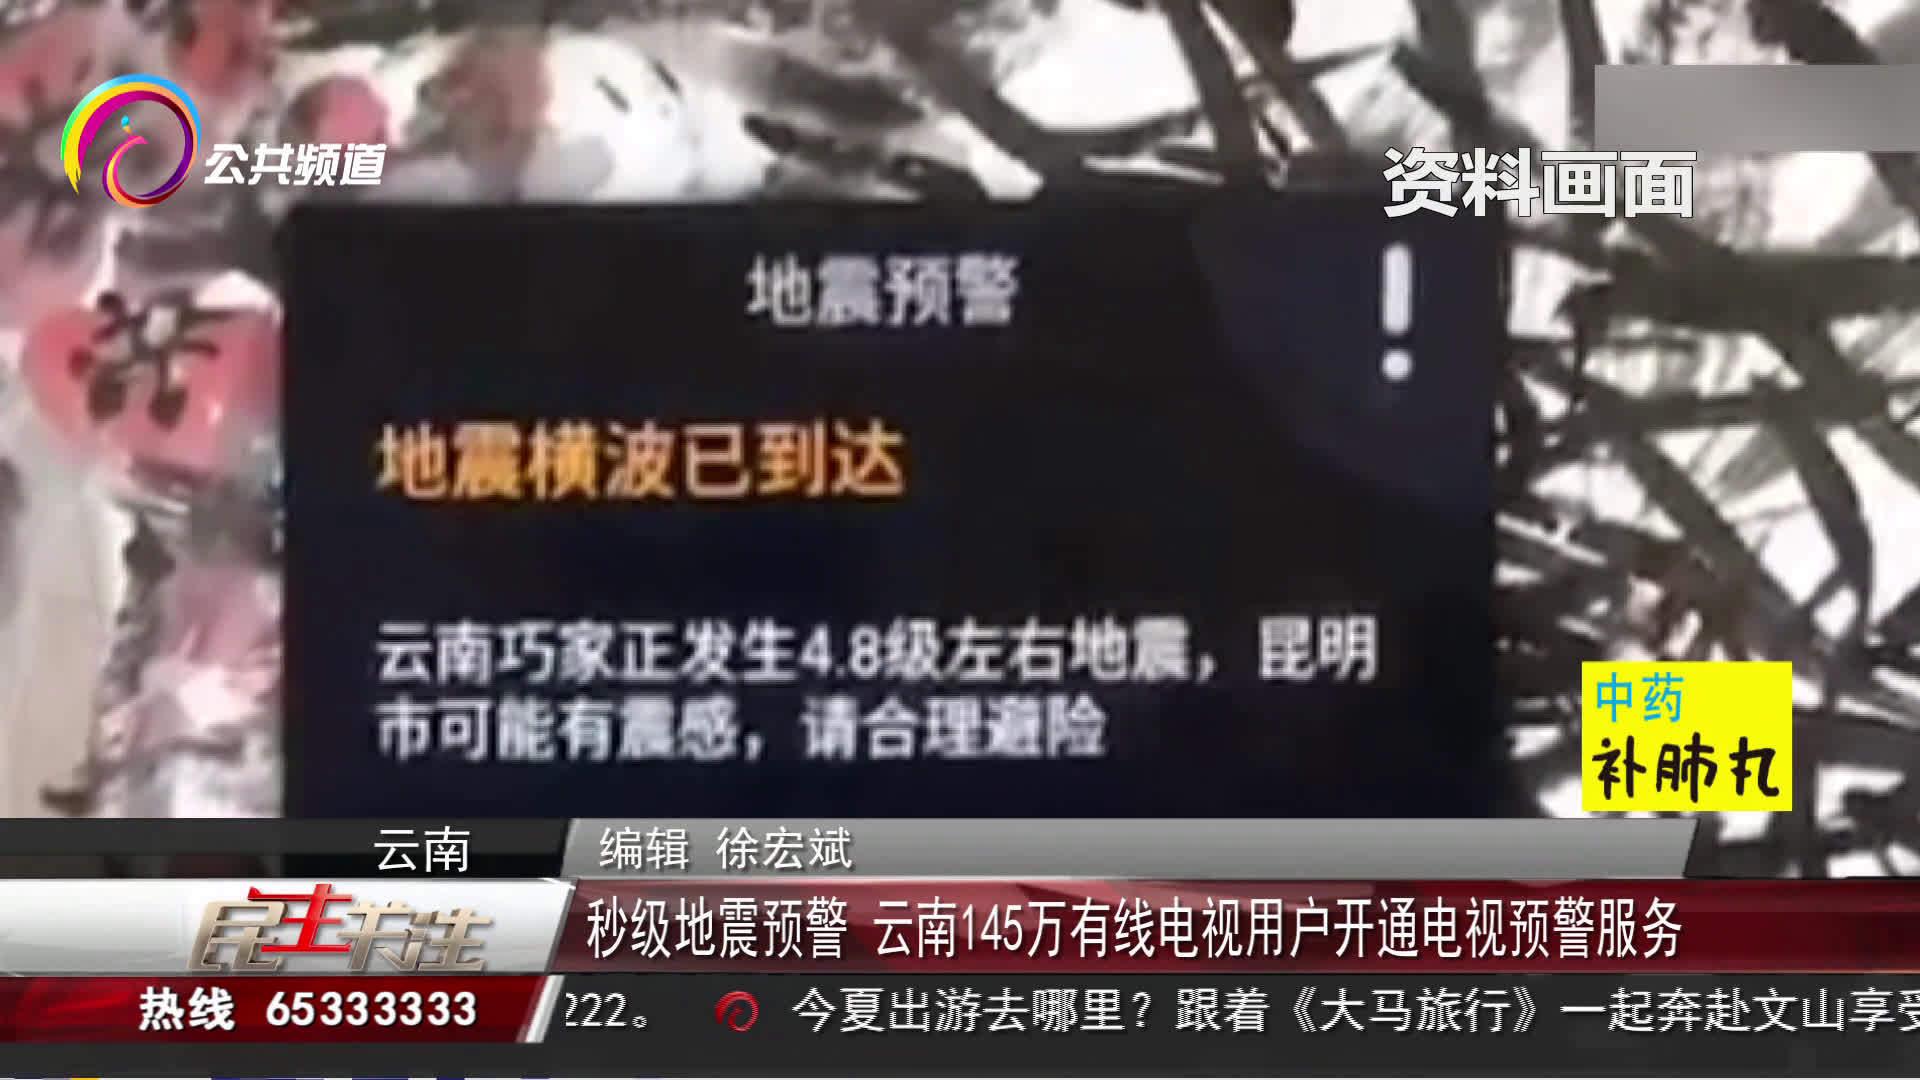 秒级地震预警!云南145万电视用户开通地震预警